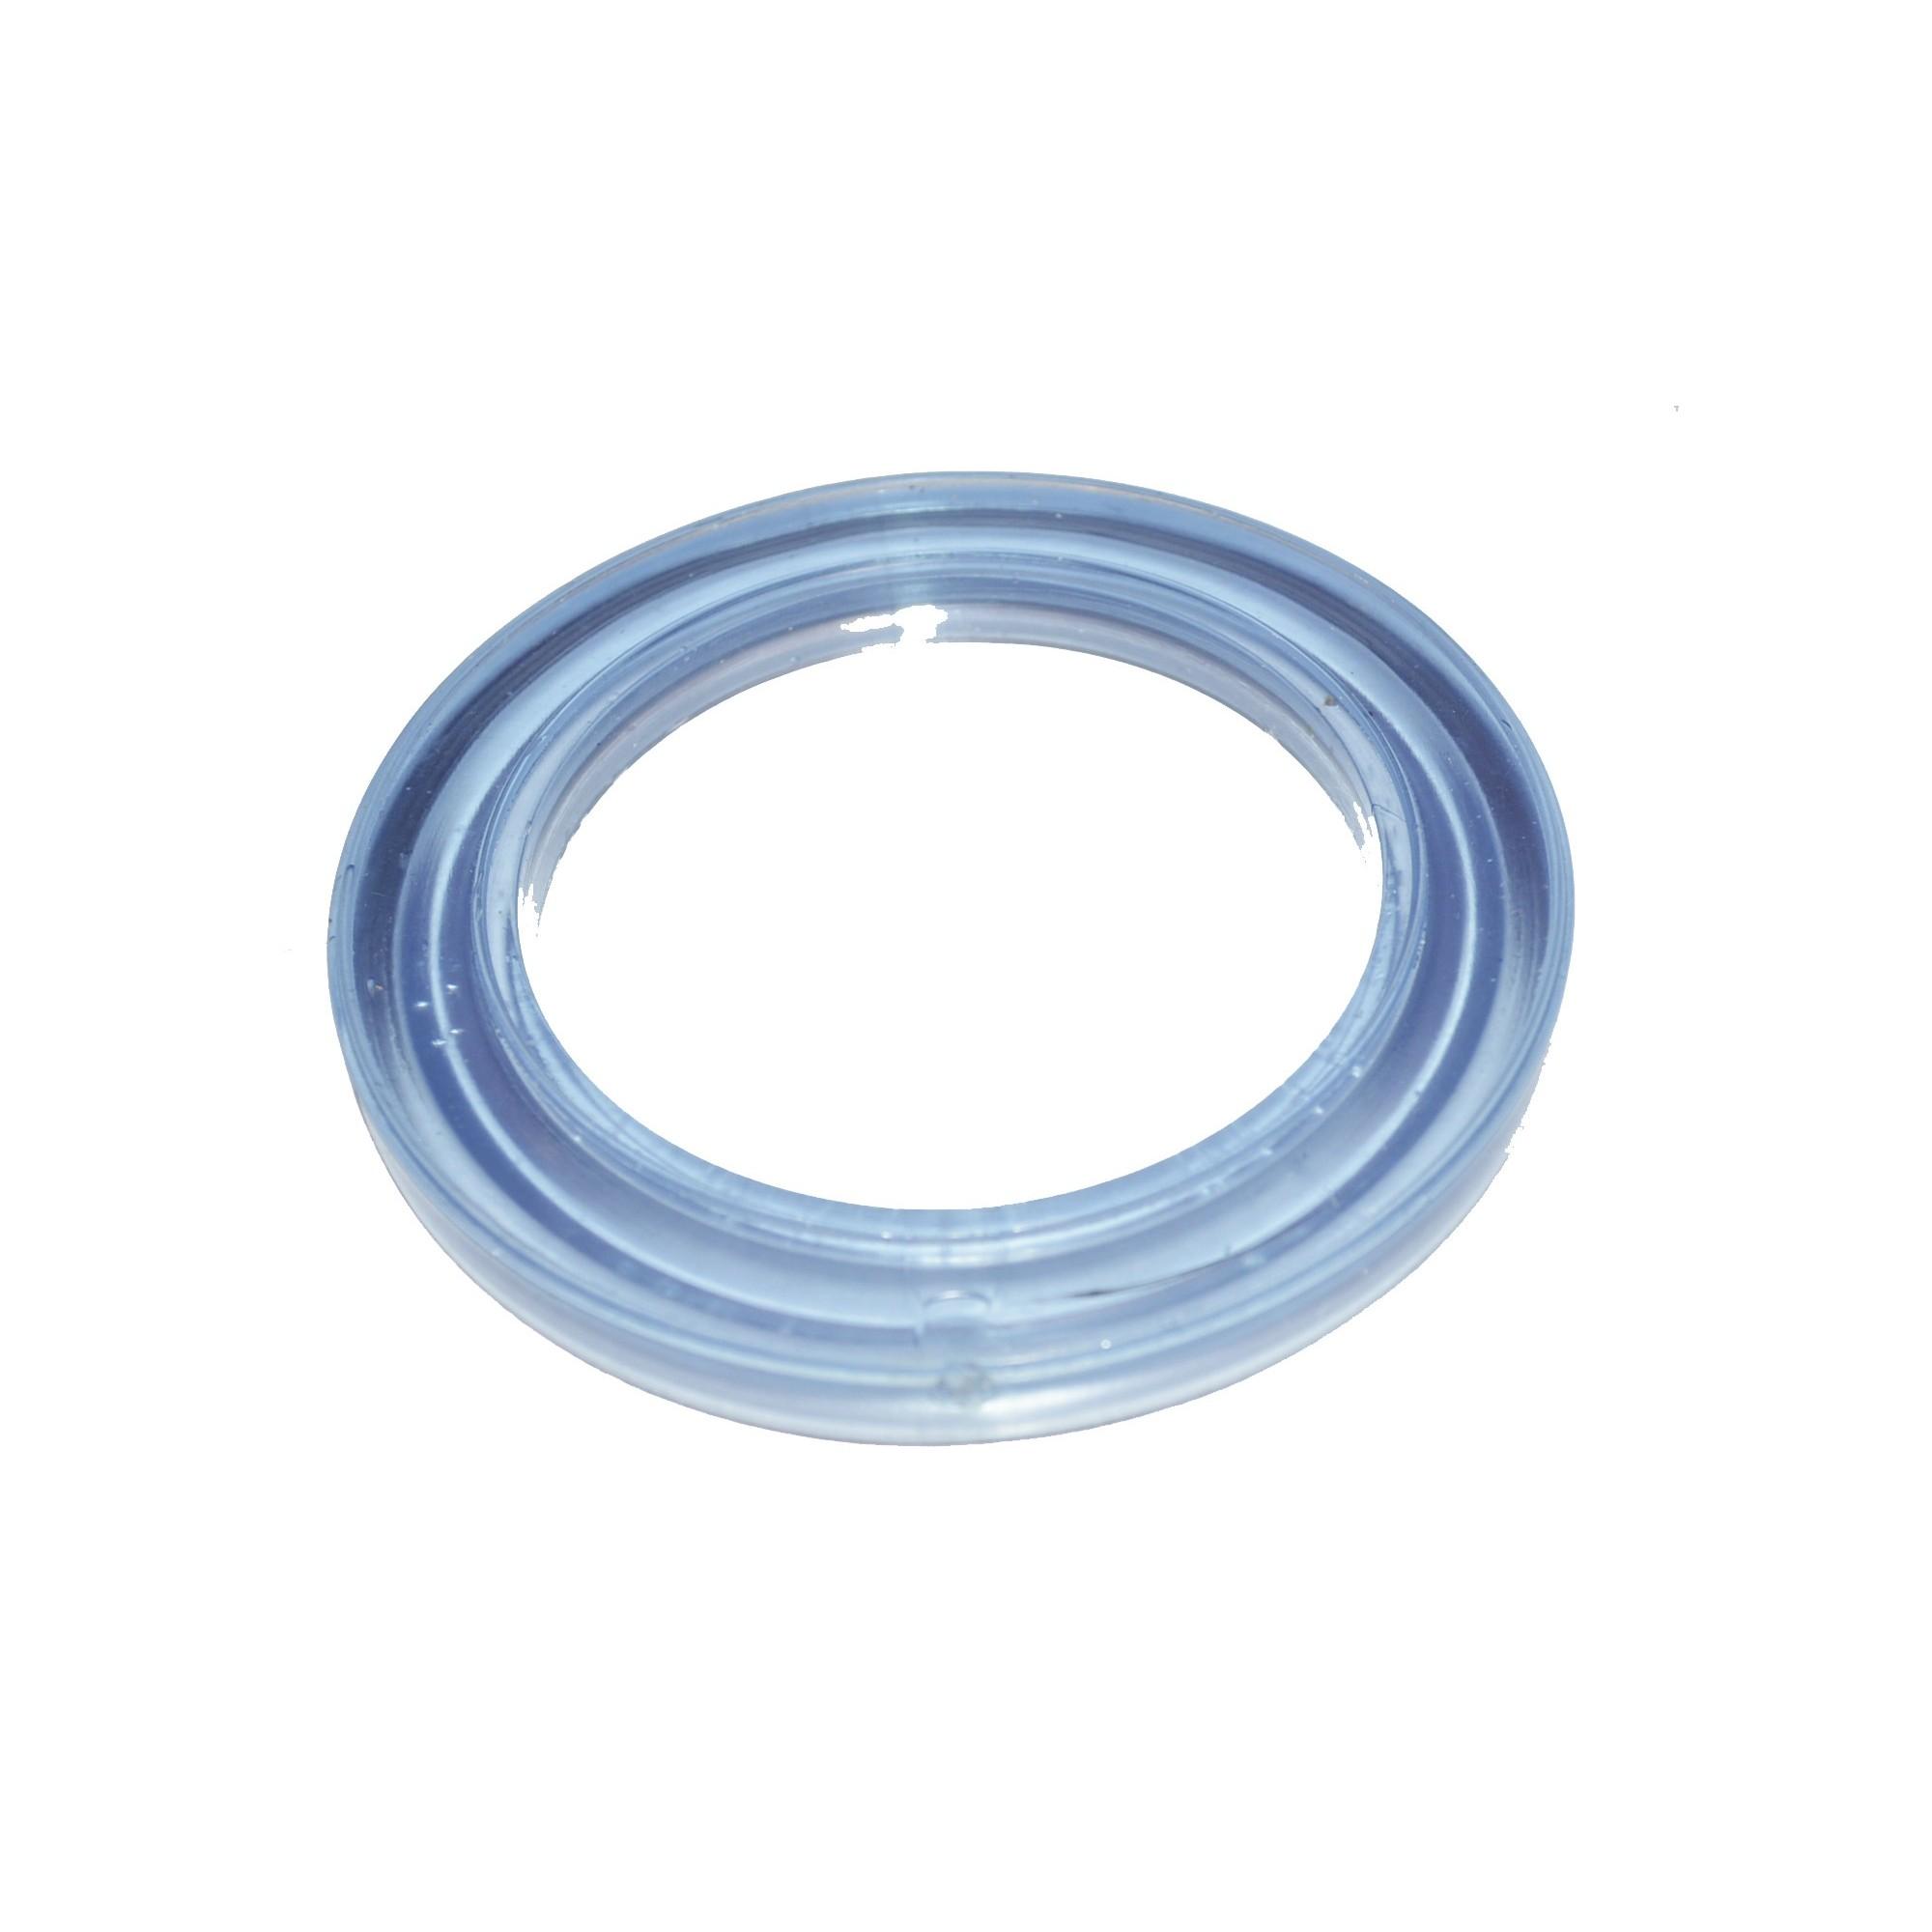 Прокладка под стойку арматуры бачка, универсальная, силикон (83*59*7)  - 1